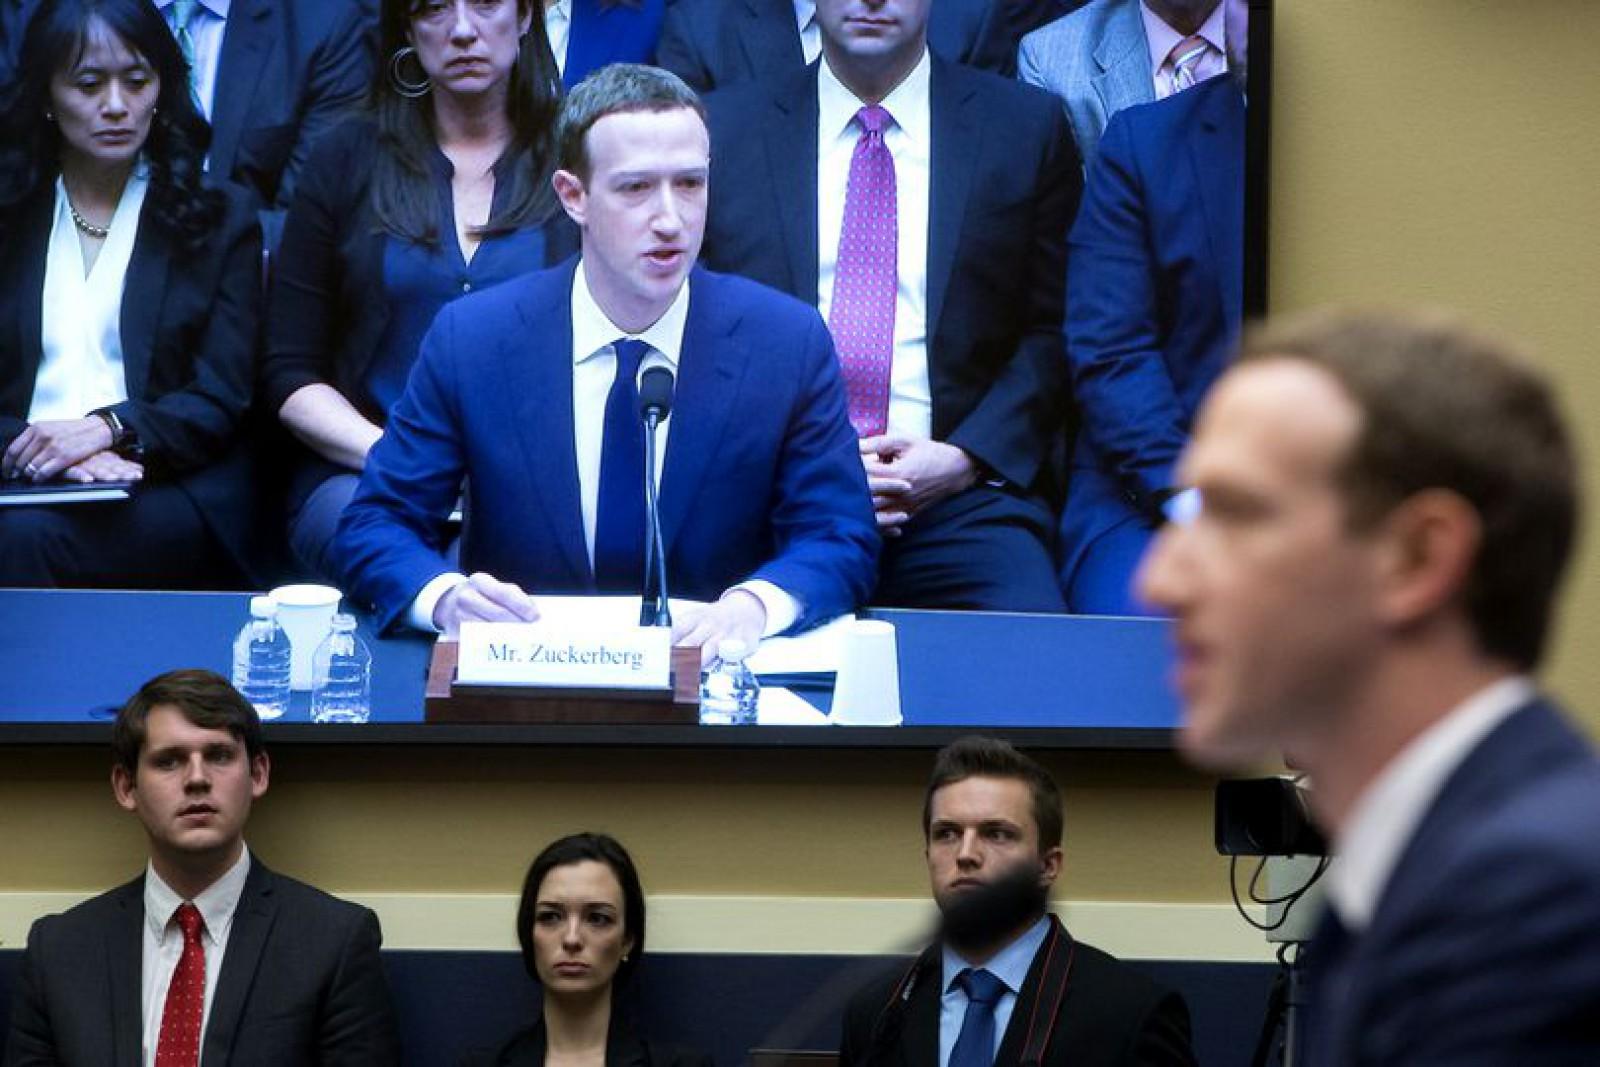 Parlamentul European i-a cerut lui Zuckerberg să se prezinte personal pentru a da declarații în scandalul Cambridge Analytica